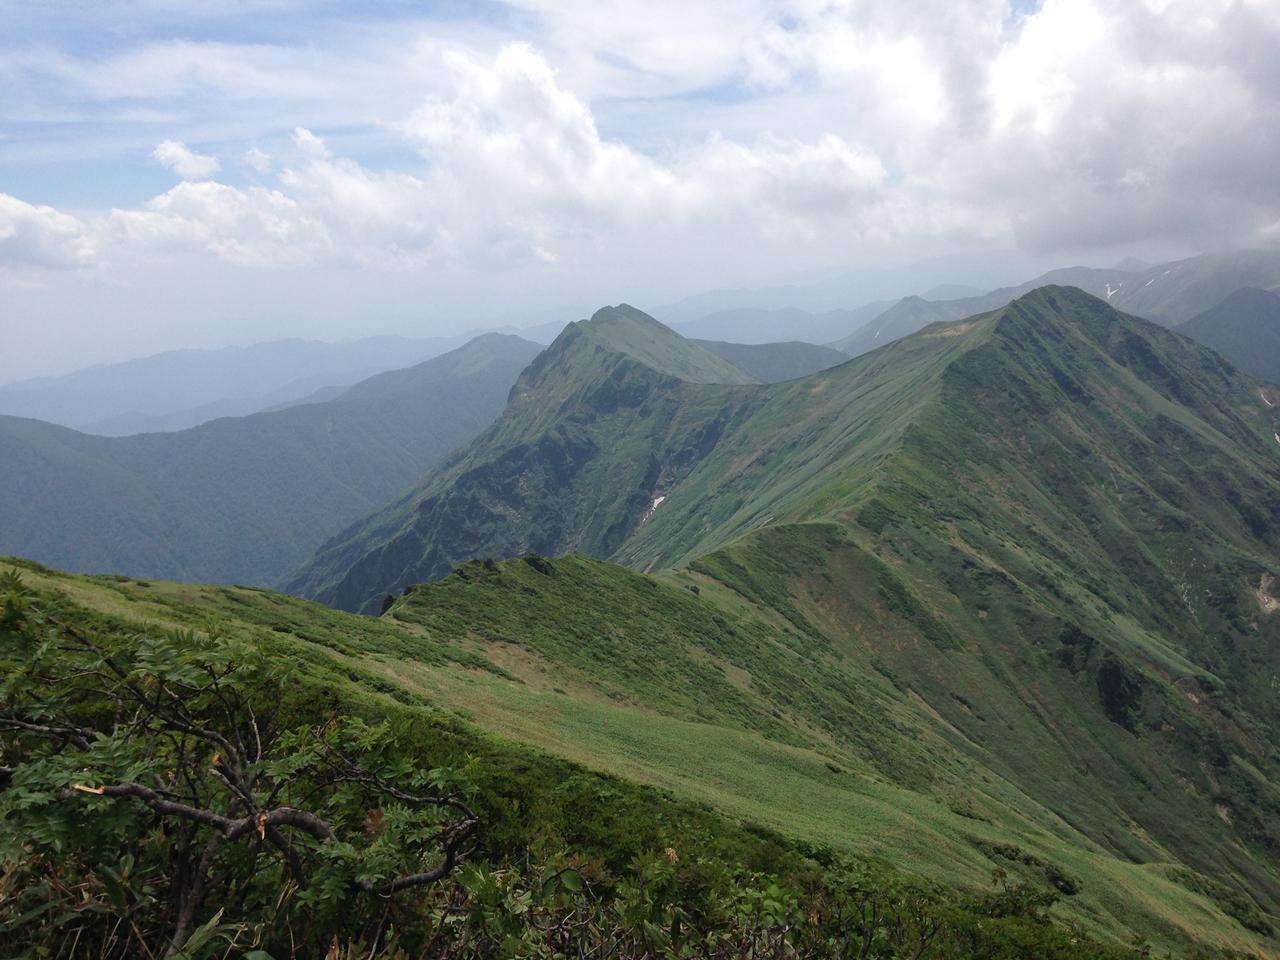 画像: 【筆者レポ】日本百名山! 群馬県・谷川岳 ロープウェイで初心者でも絶景を楽しめる - ハピキャン(HAPPY CAMPER)